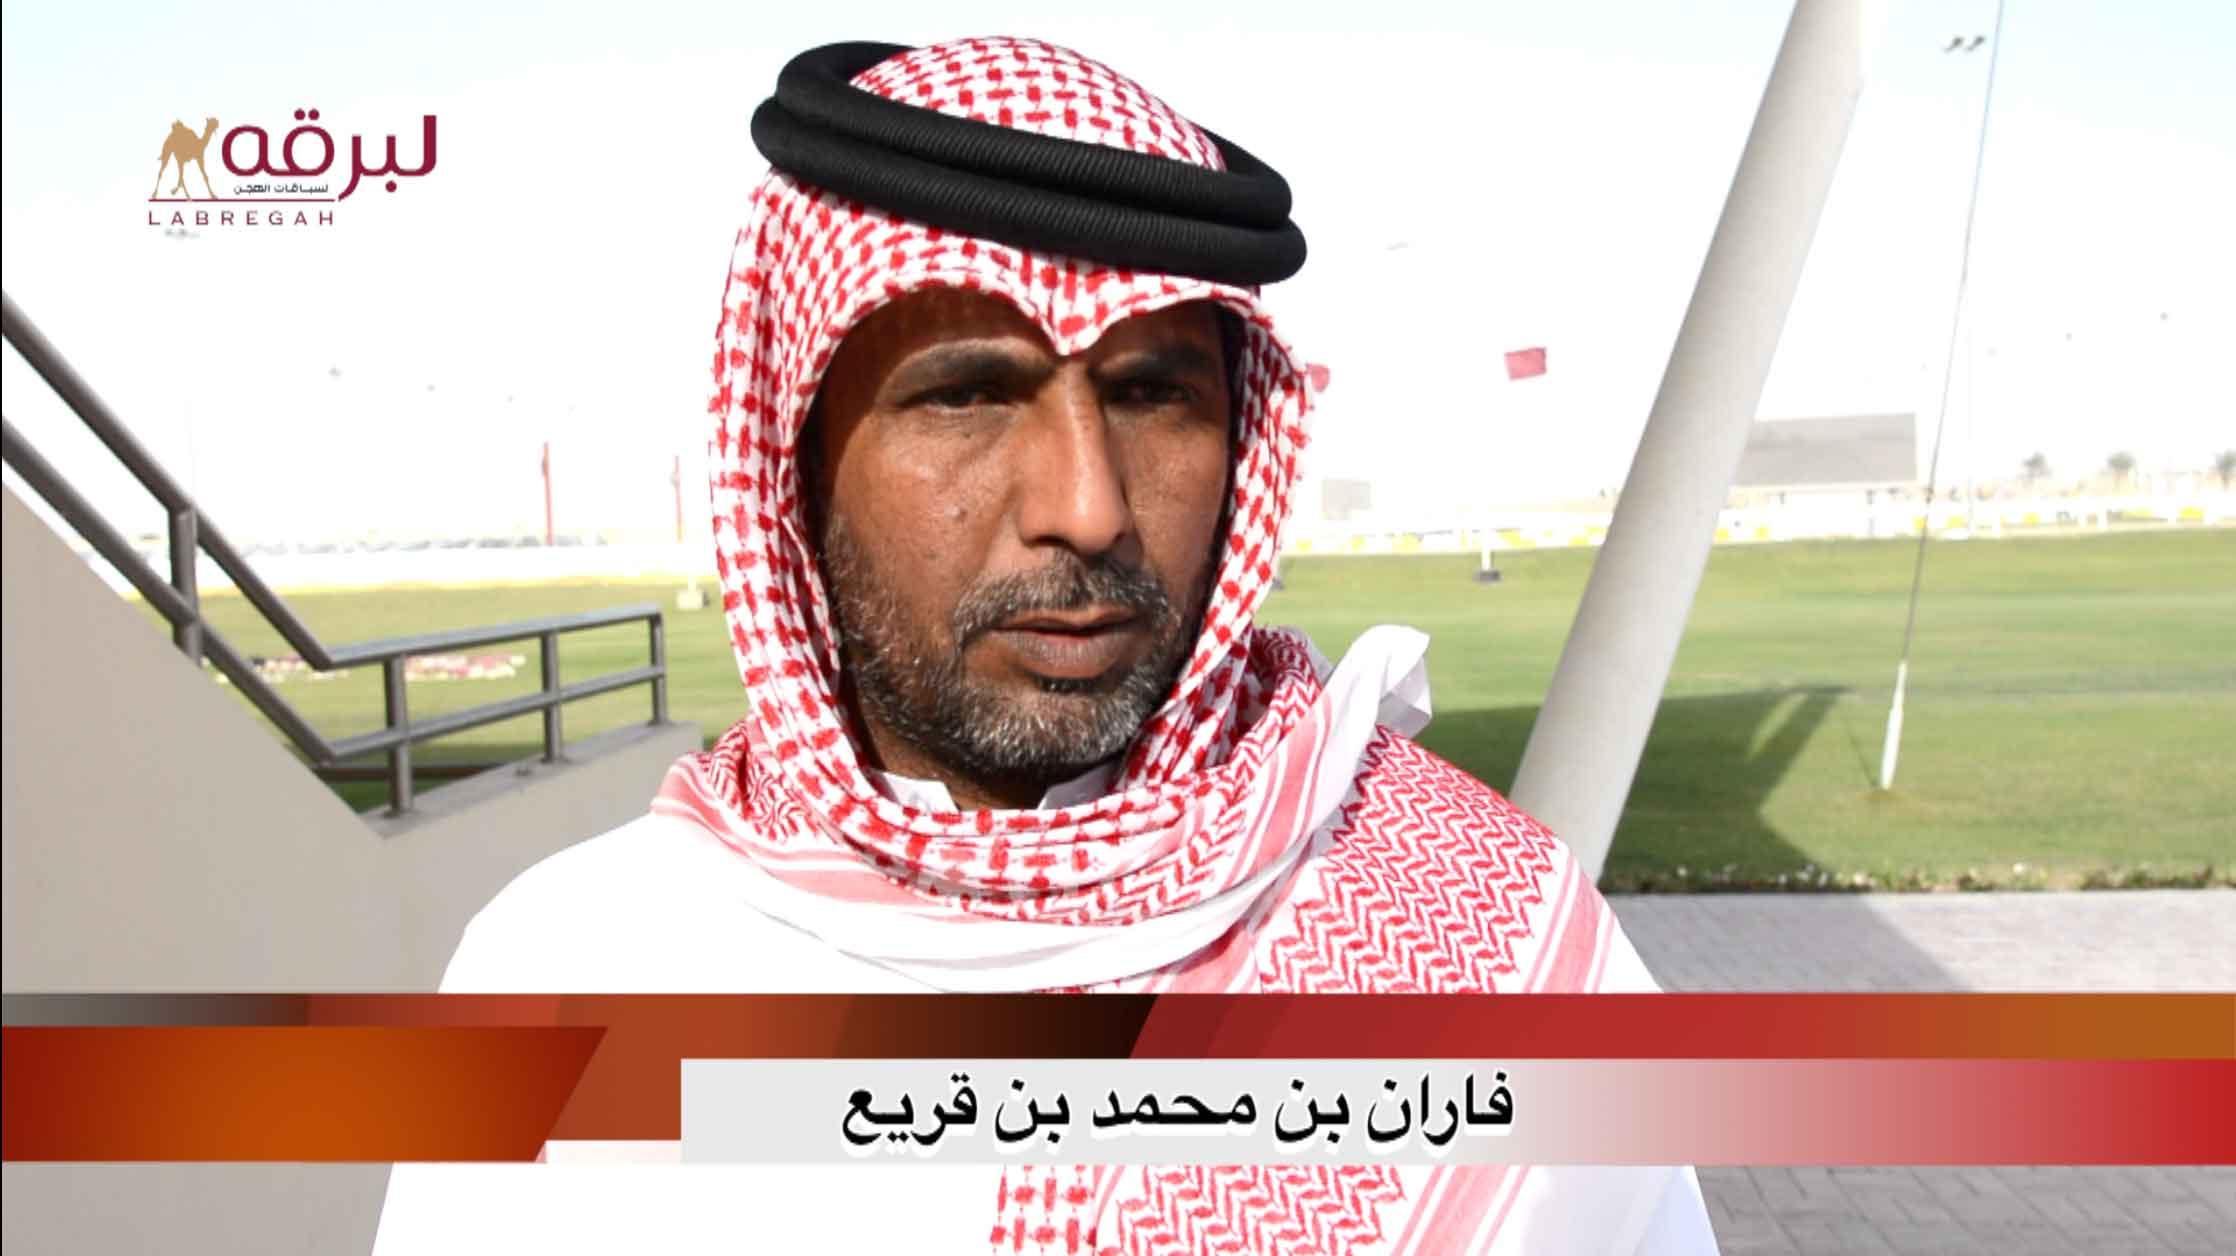 لقاء مع فاران محمد بن قريع.. الشلفة الذهبية جذاع بكار « إنتاج » الأشواط المفتوحة  ٢١-١-٢٠٢١